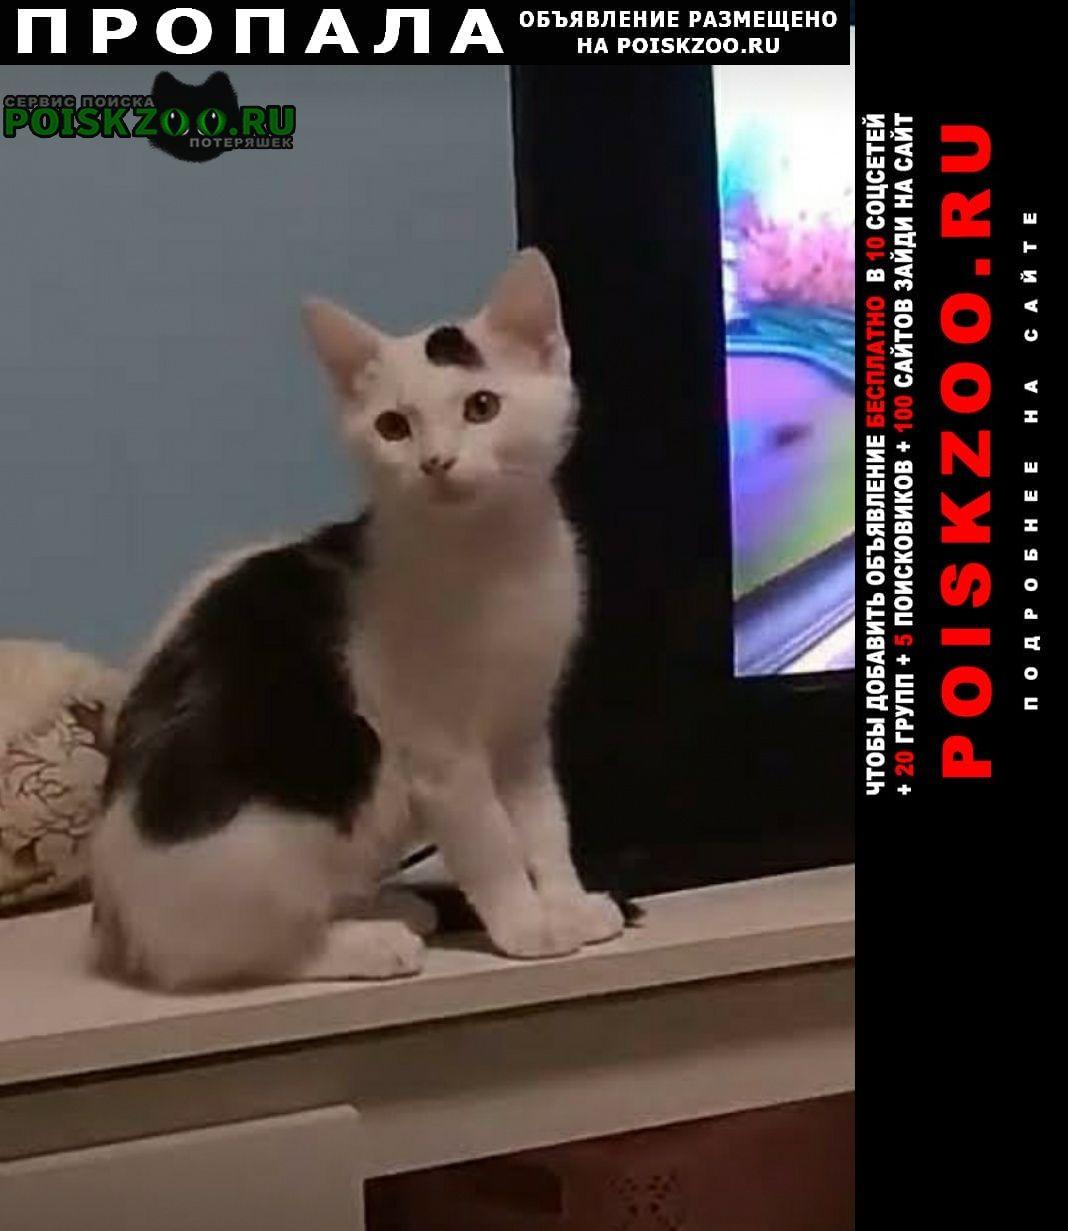 Пропал кот черно-белый Раменское